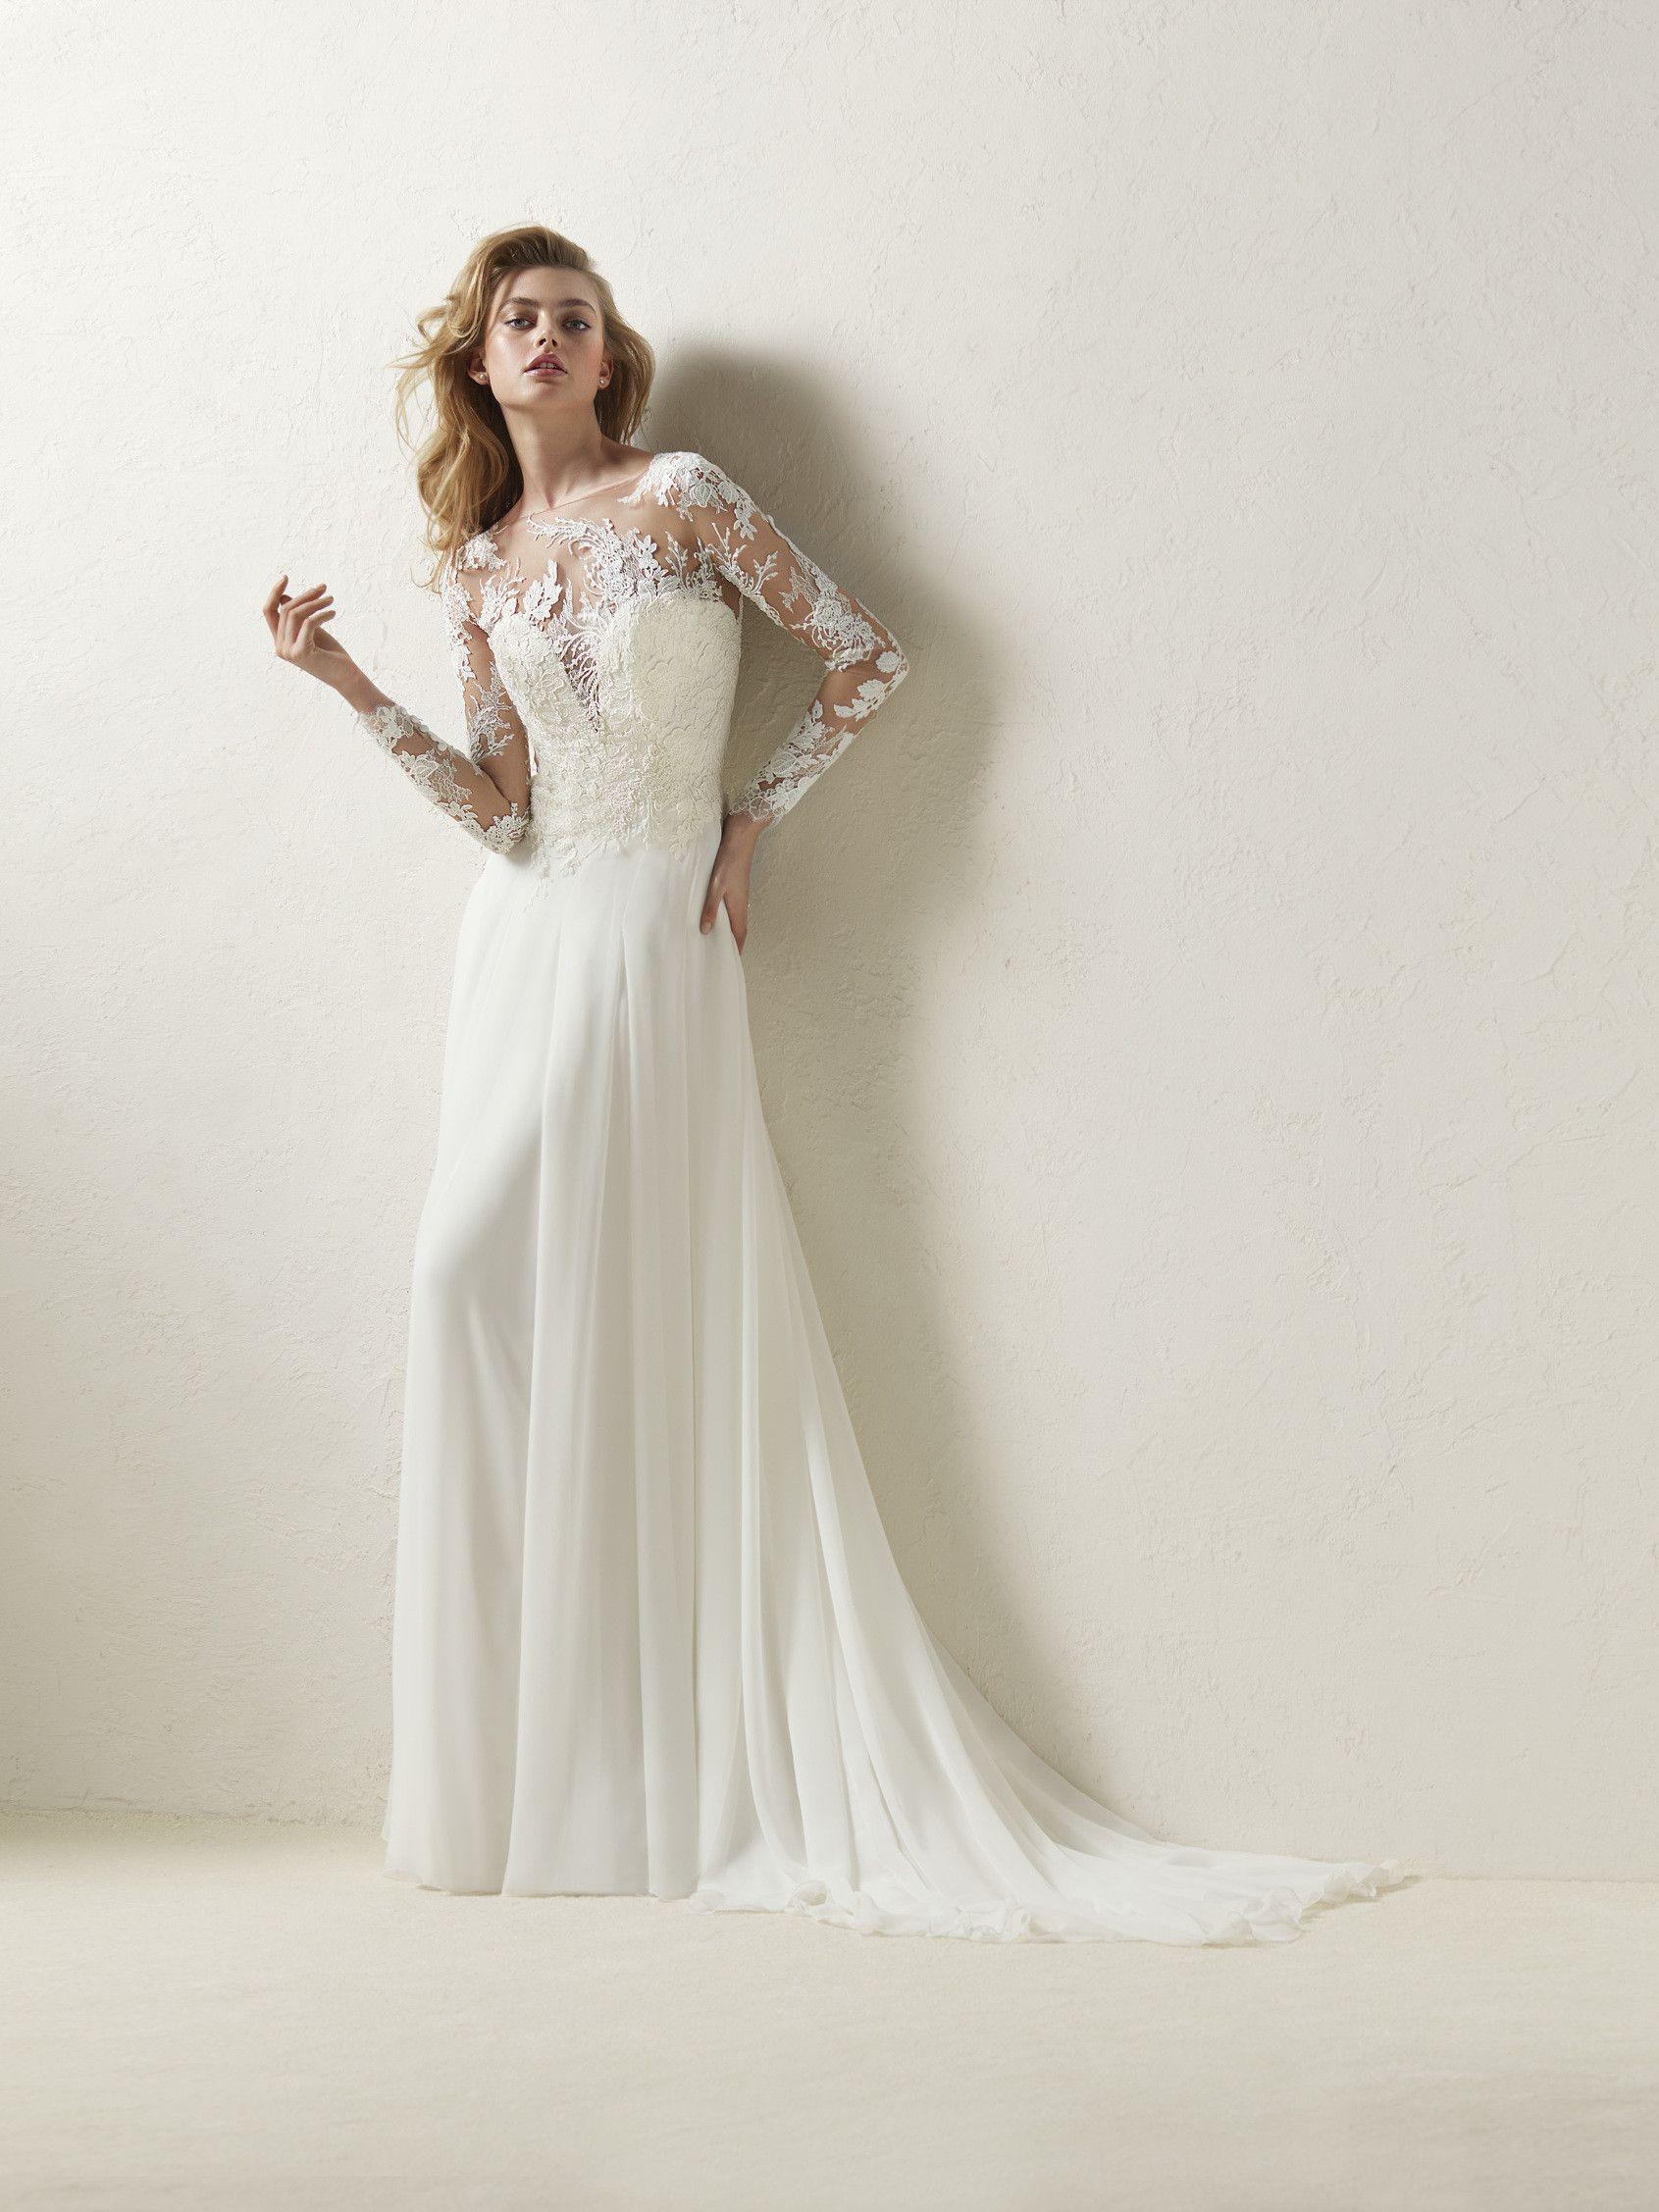 Brautkleid gerader Schnitt - Dresal | mögliche Kleider Hochzeit ...